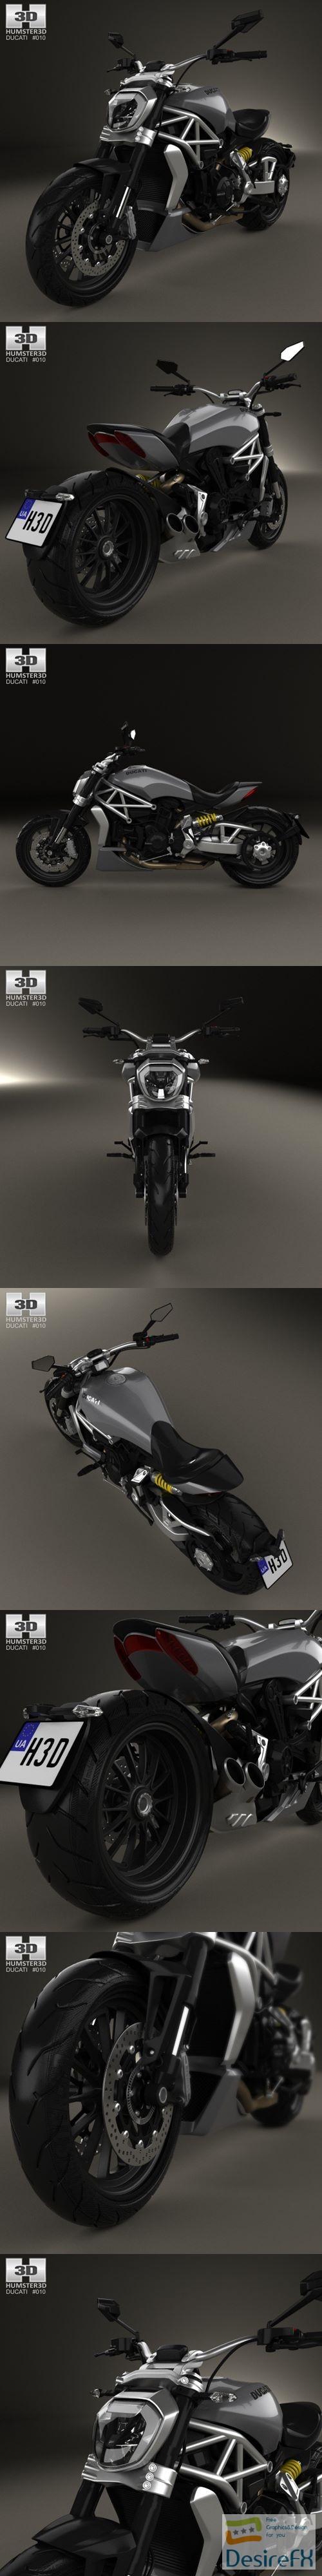 Hum3D - Ducati X-Diavel 2016 3D Model